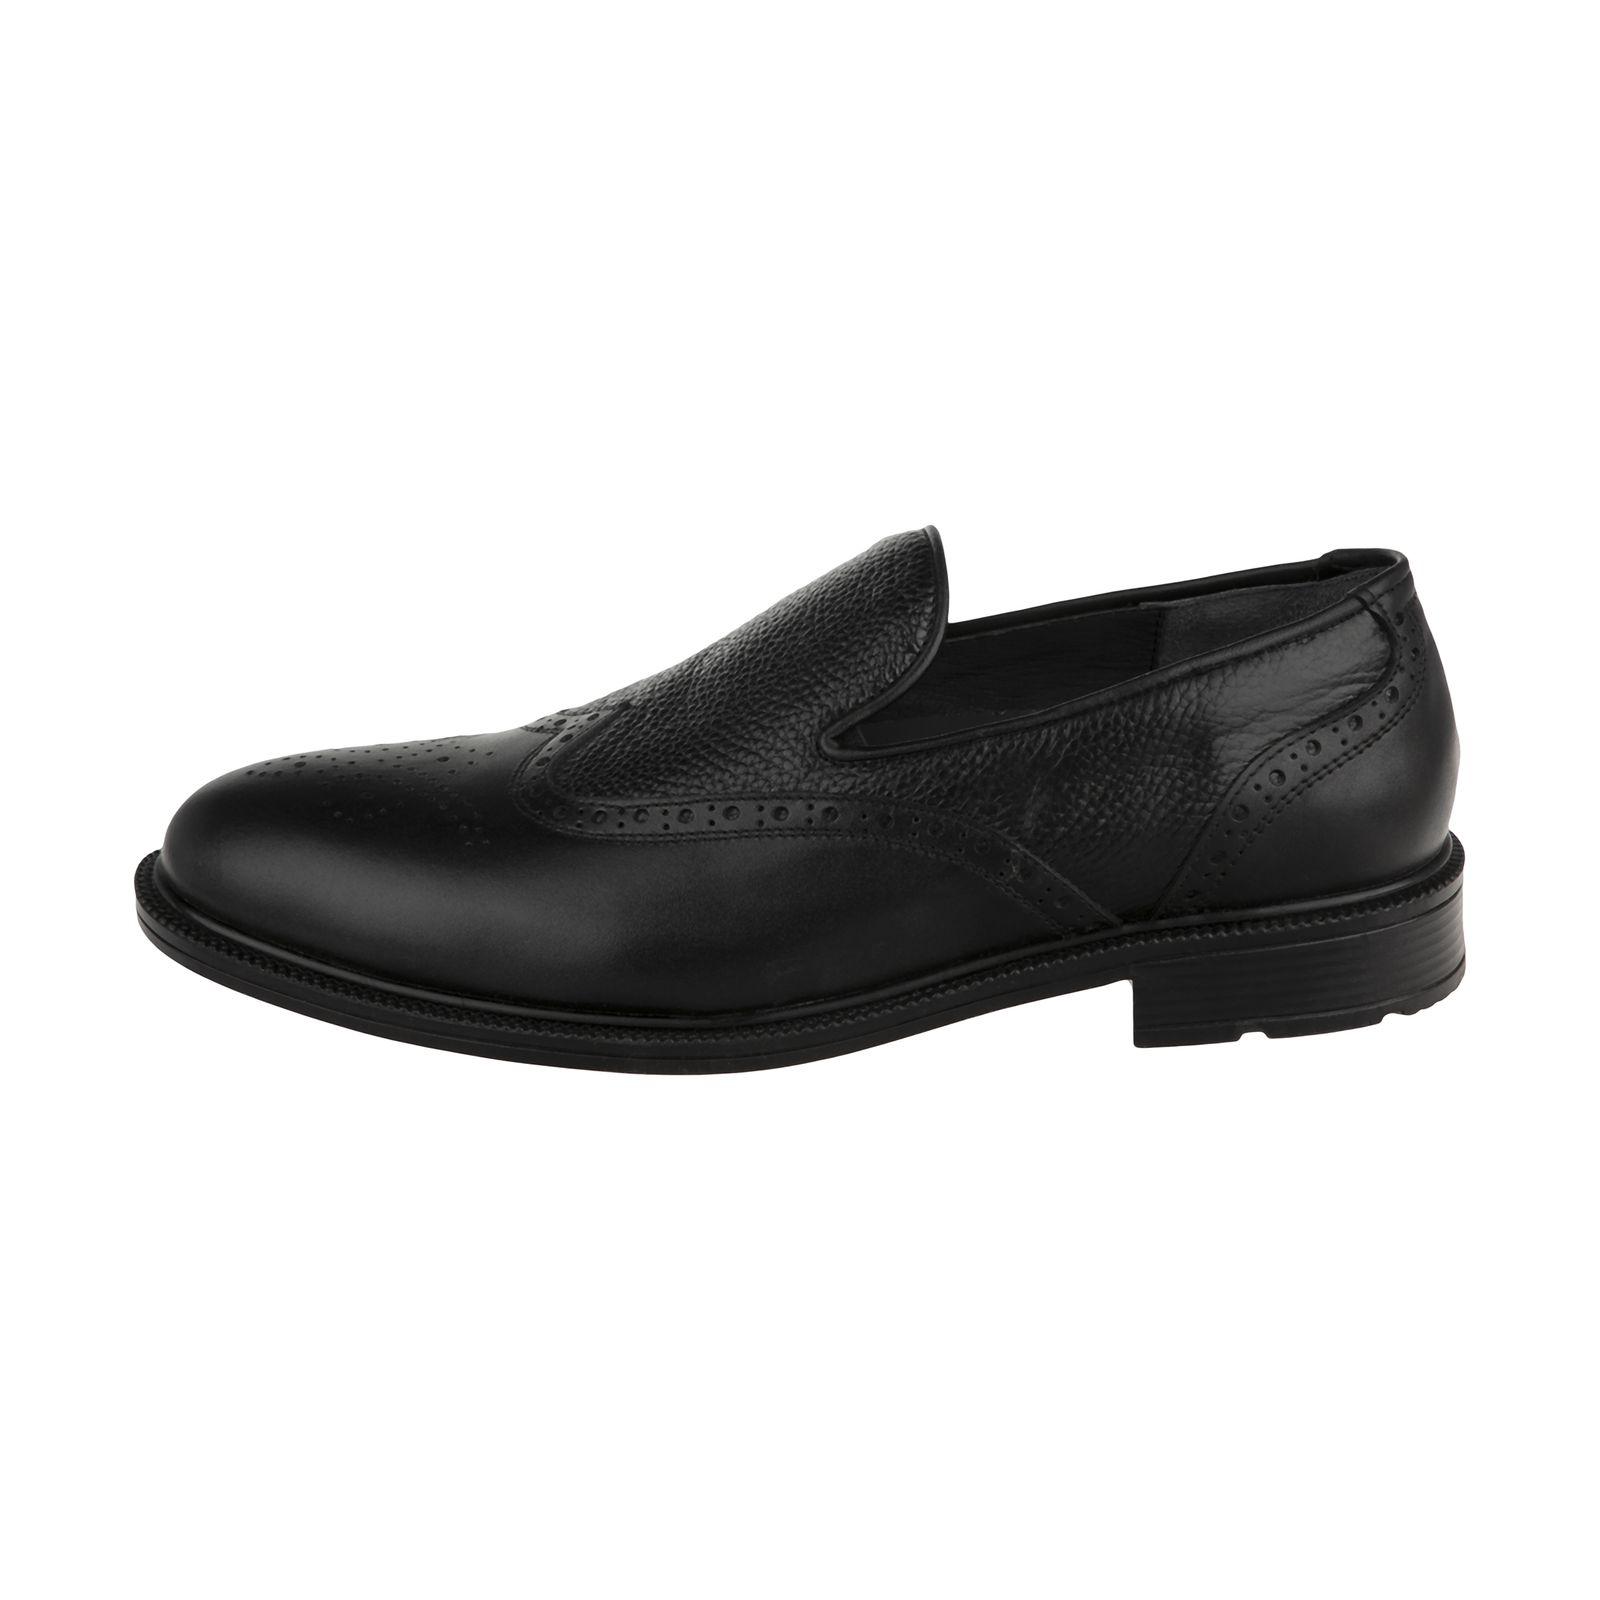 کفش مردانه بلوط مدل 7295A503101 -  - 2